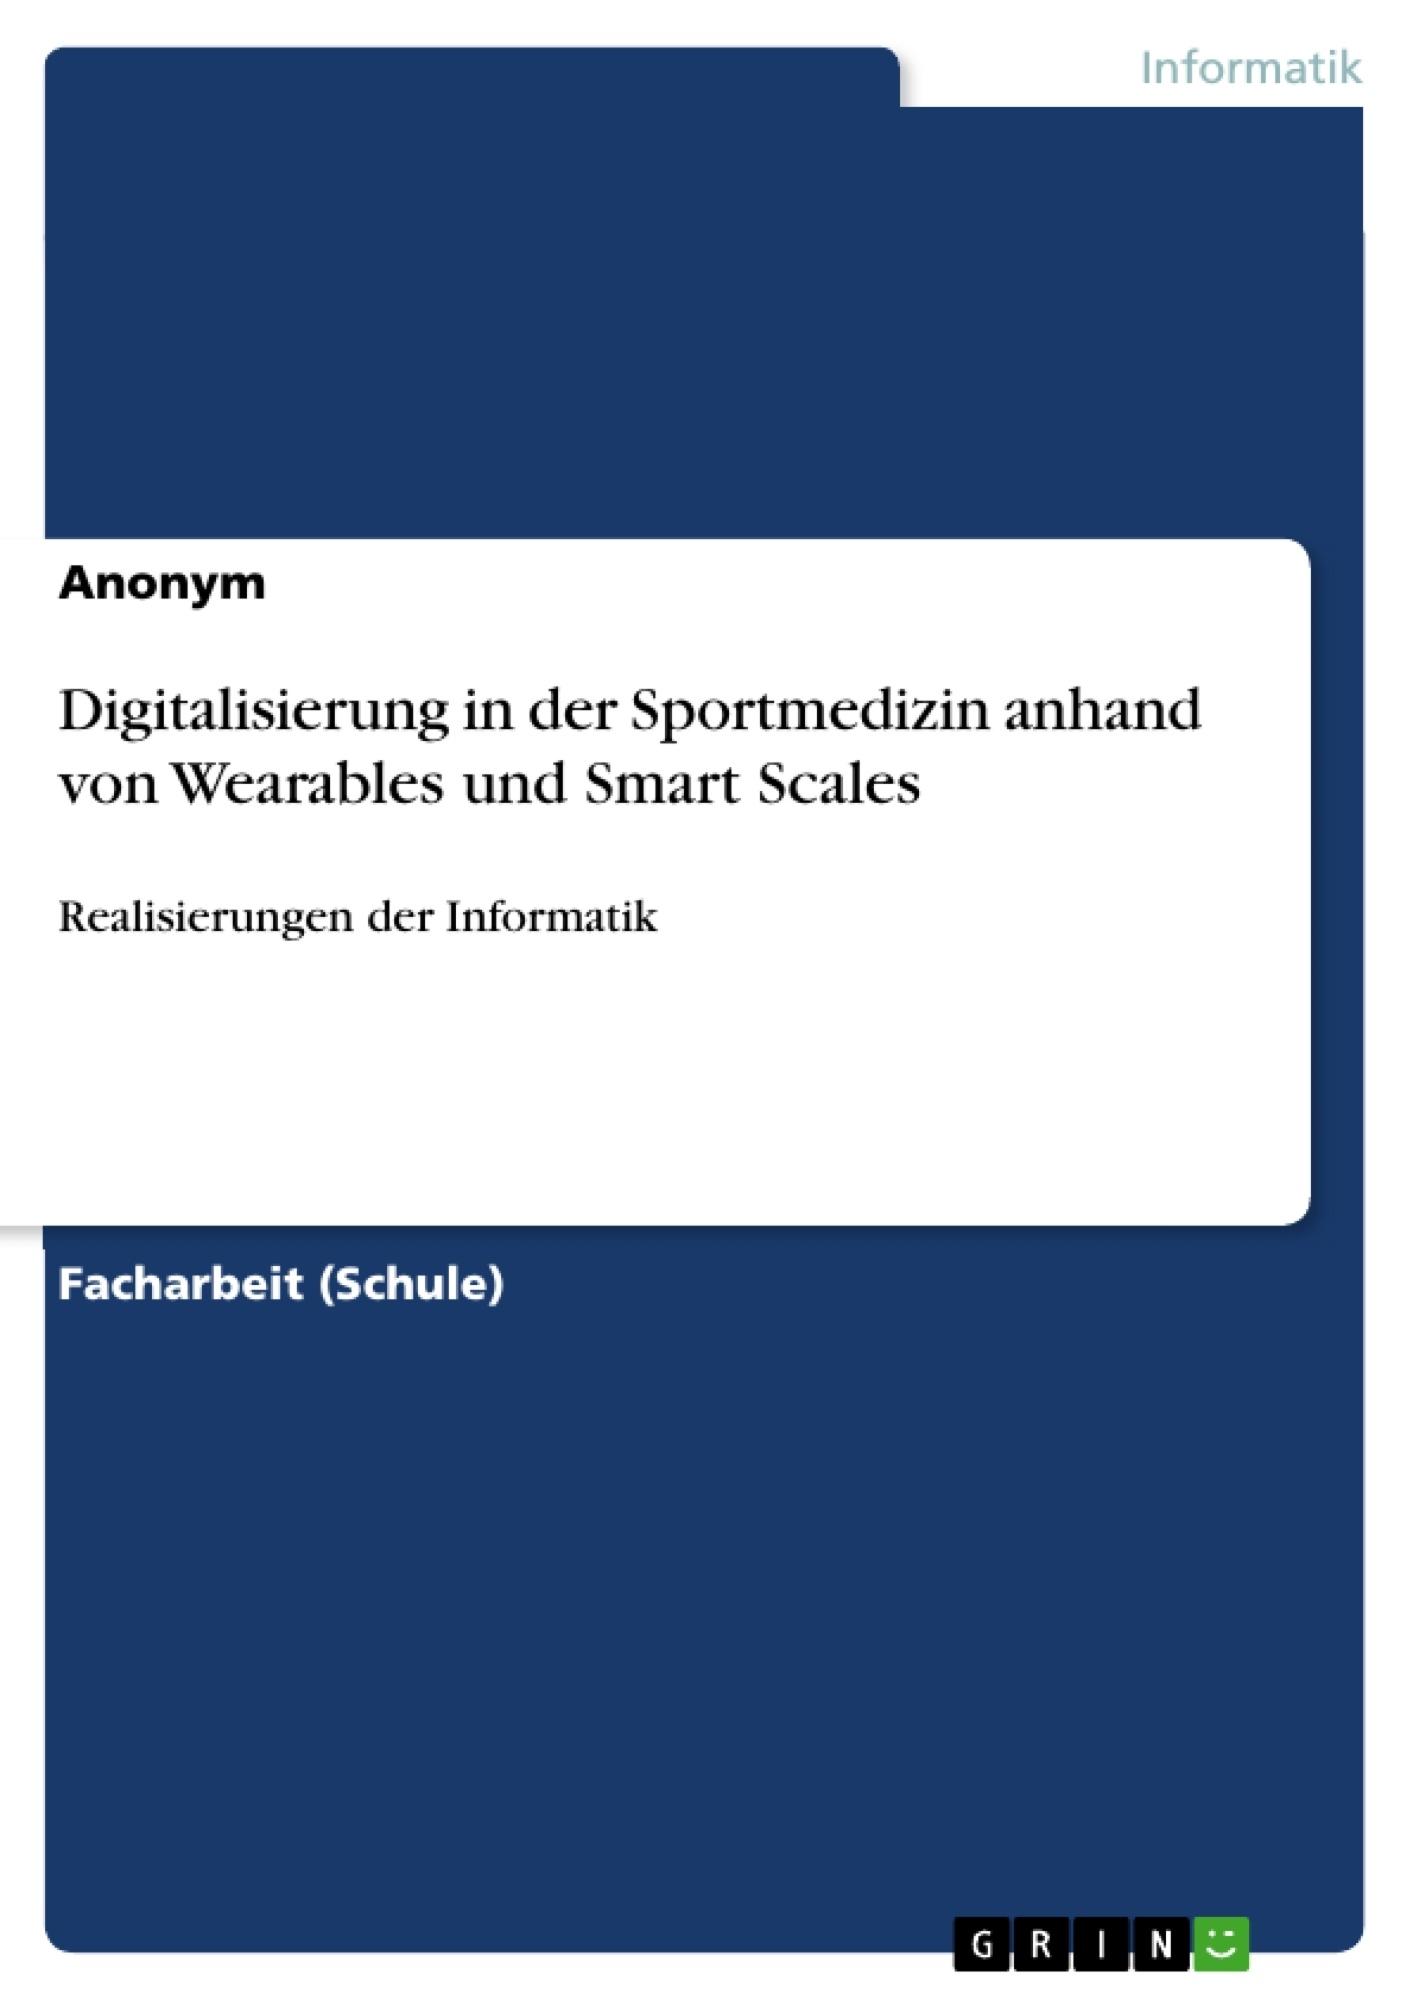 Titel: Digitalisierung in der Sportmedizin anhand von Wearables und Smart Scales